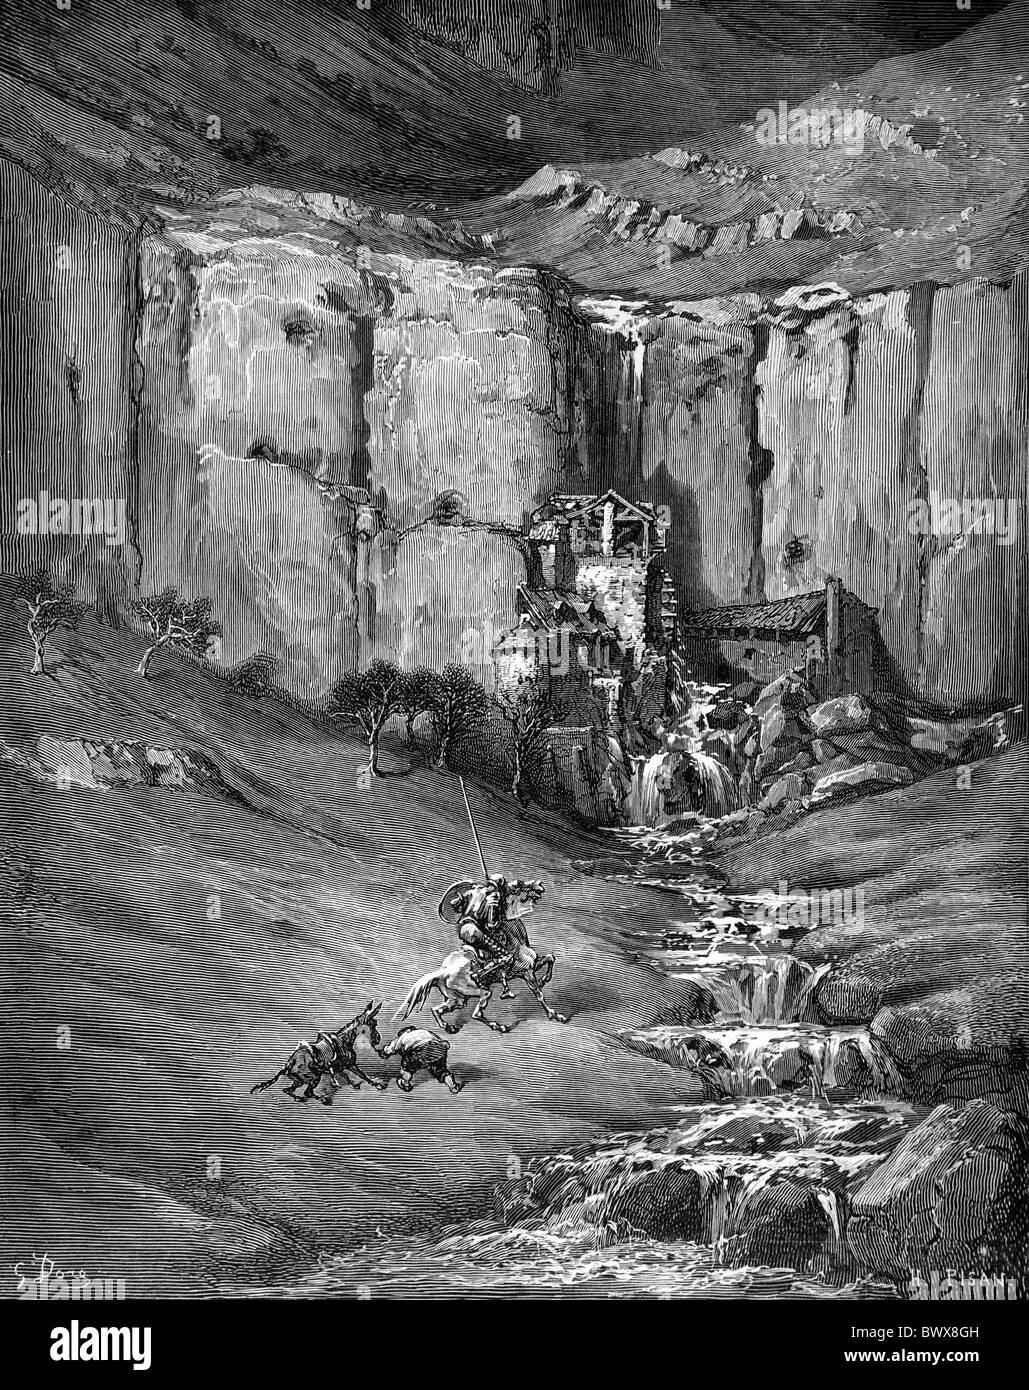 Gustave Doré; l'aventure de l'illustration; Moulins à foulon de Don Quichotte de Miguel Photo Stock